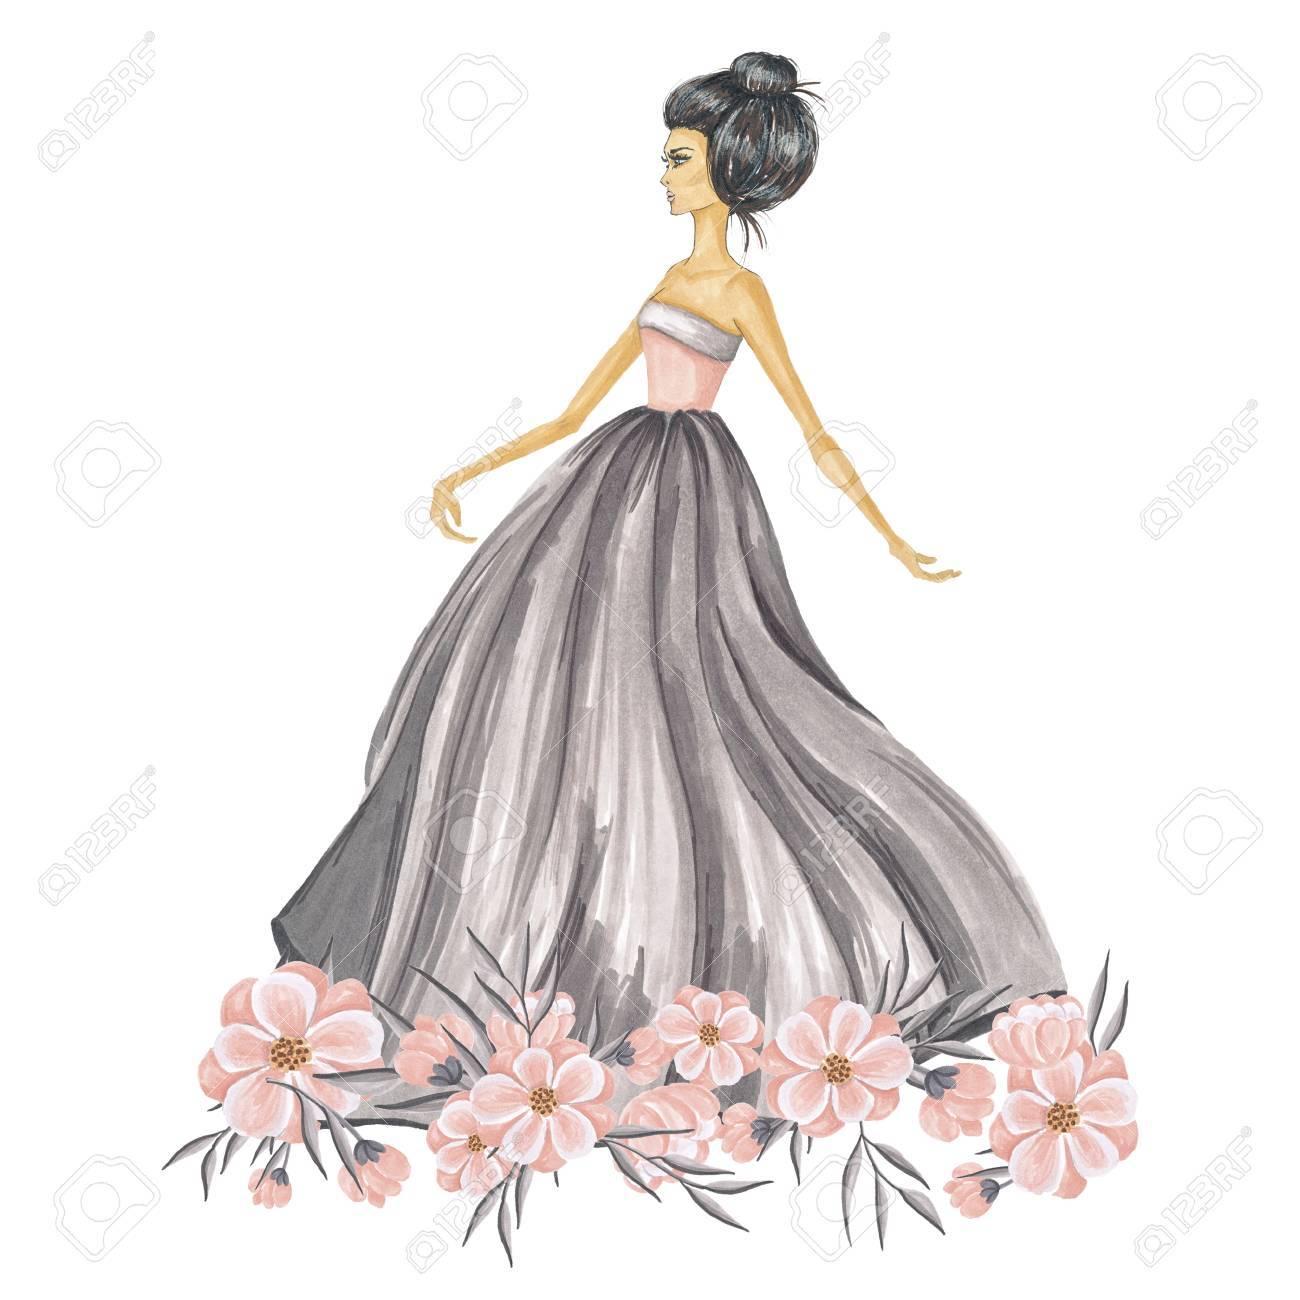 花イラストと手描きファッションの女の子 の写真素材画像素材 Image